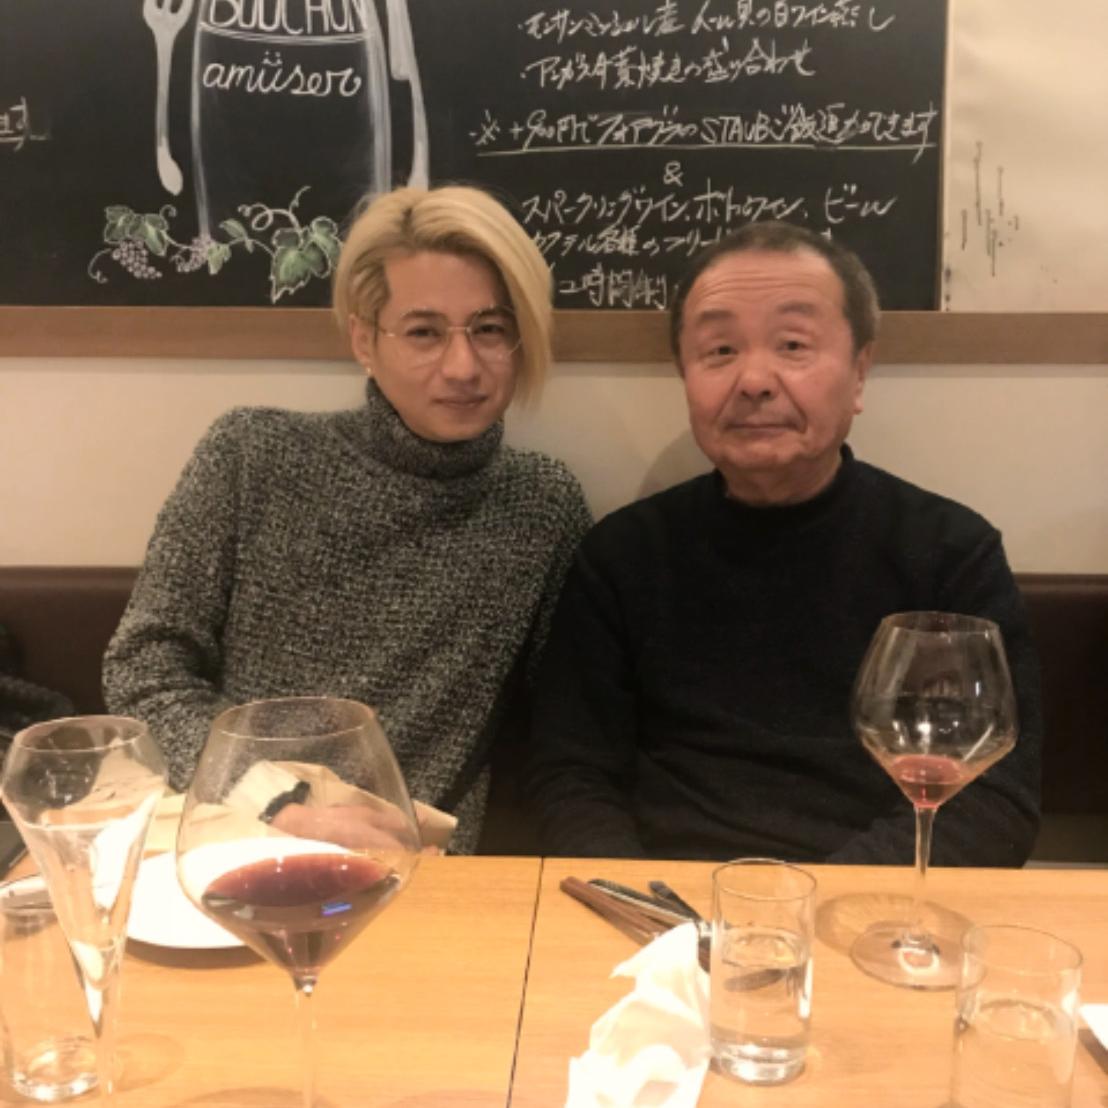 川原伸司with シウ